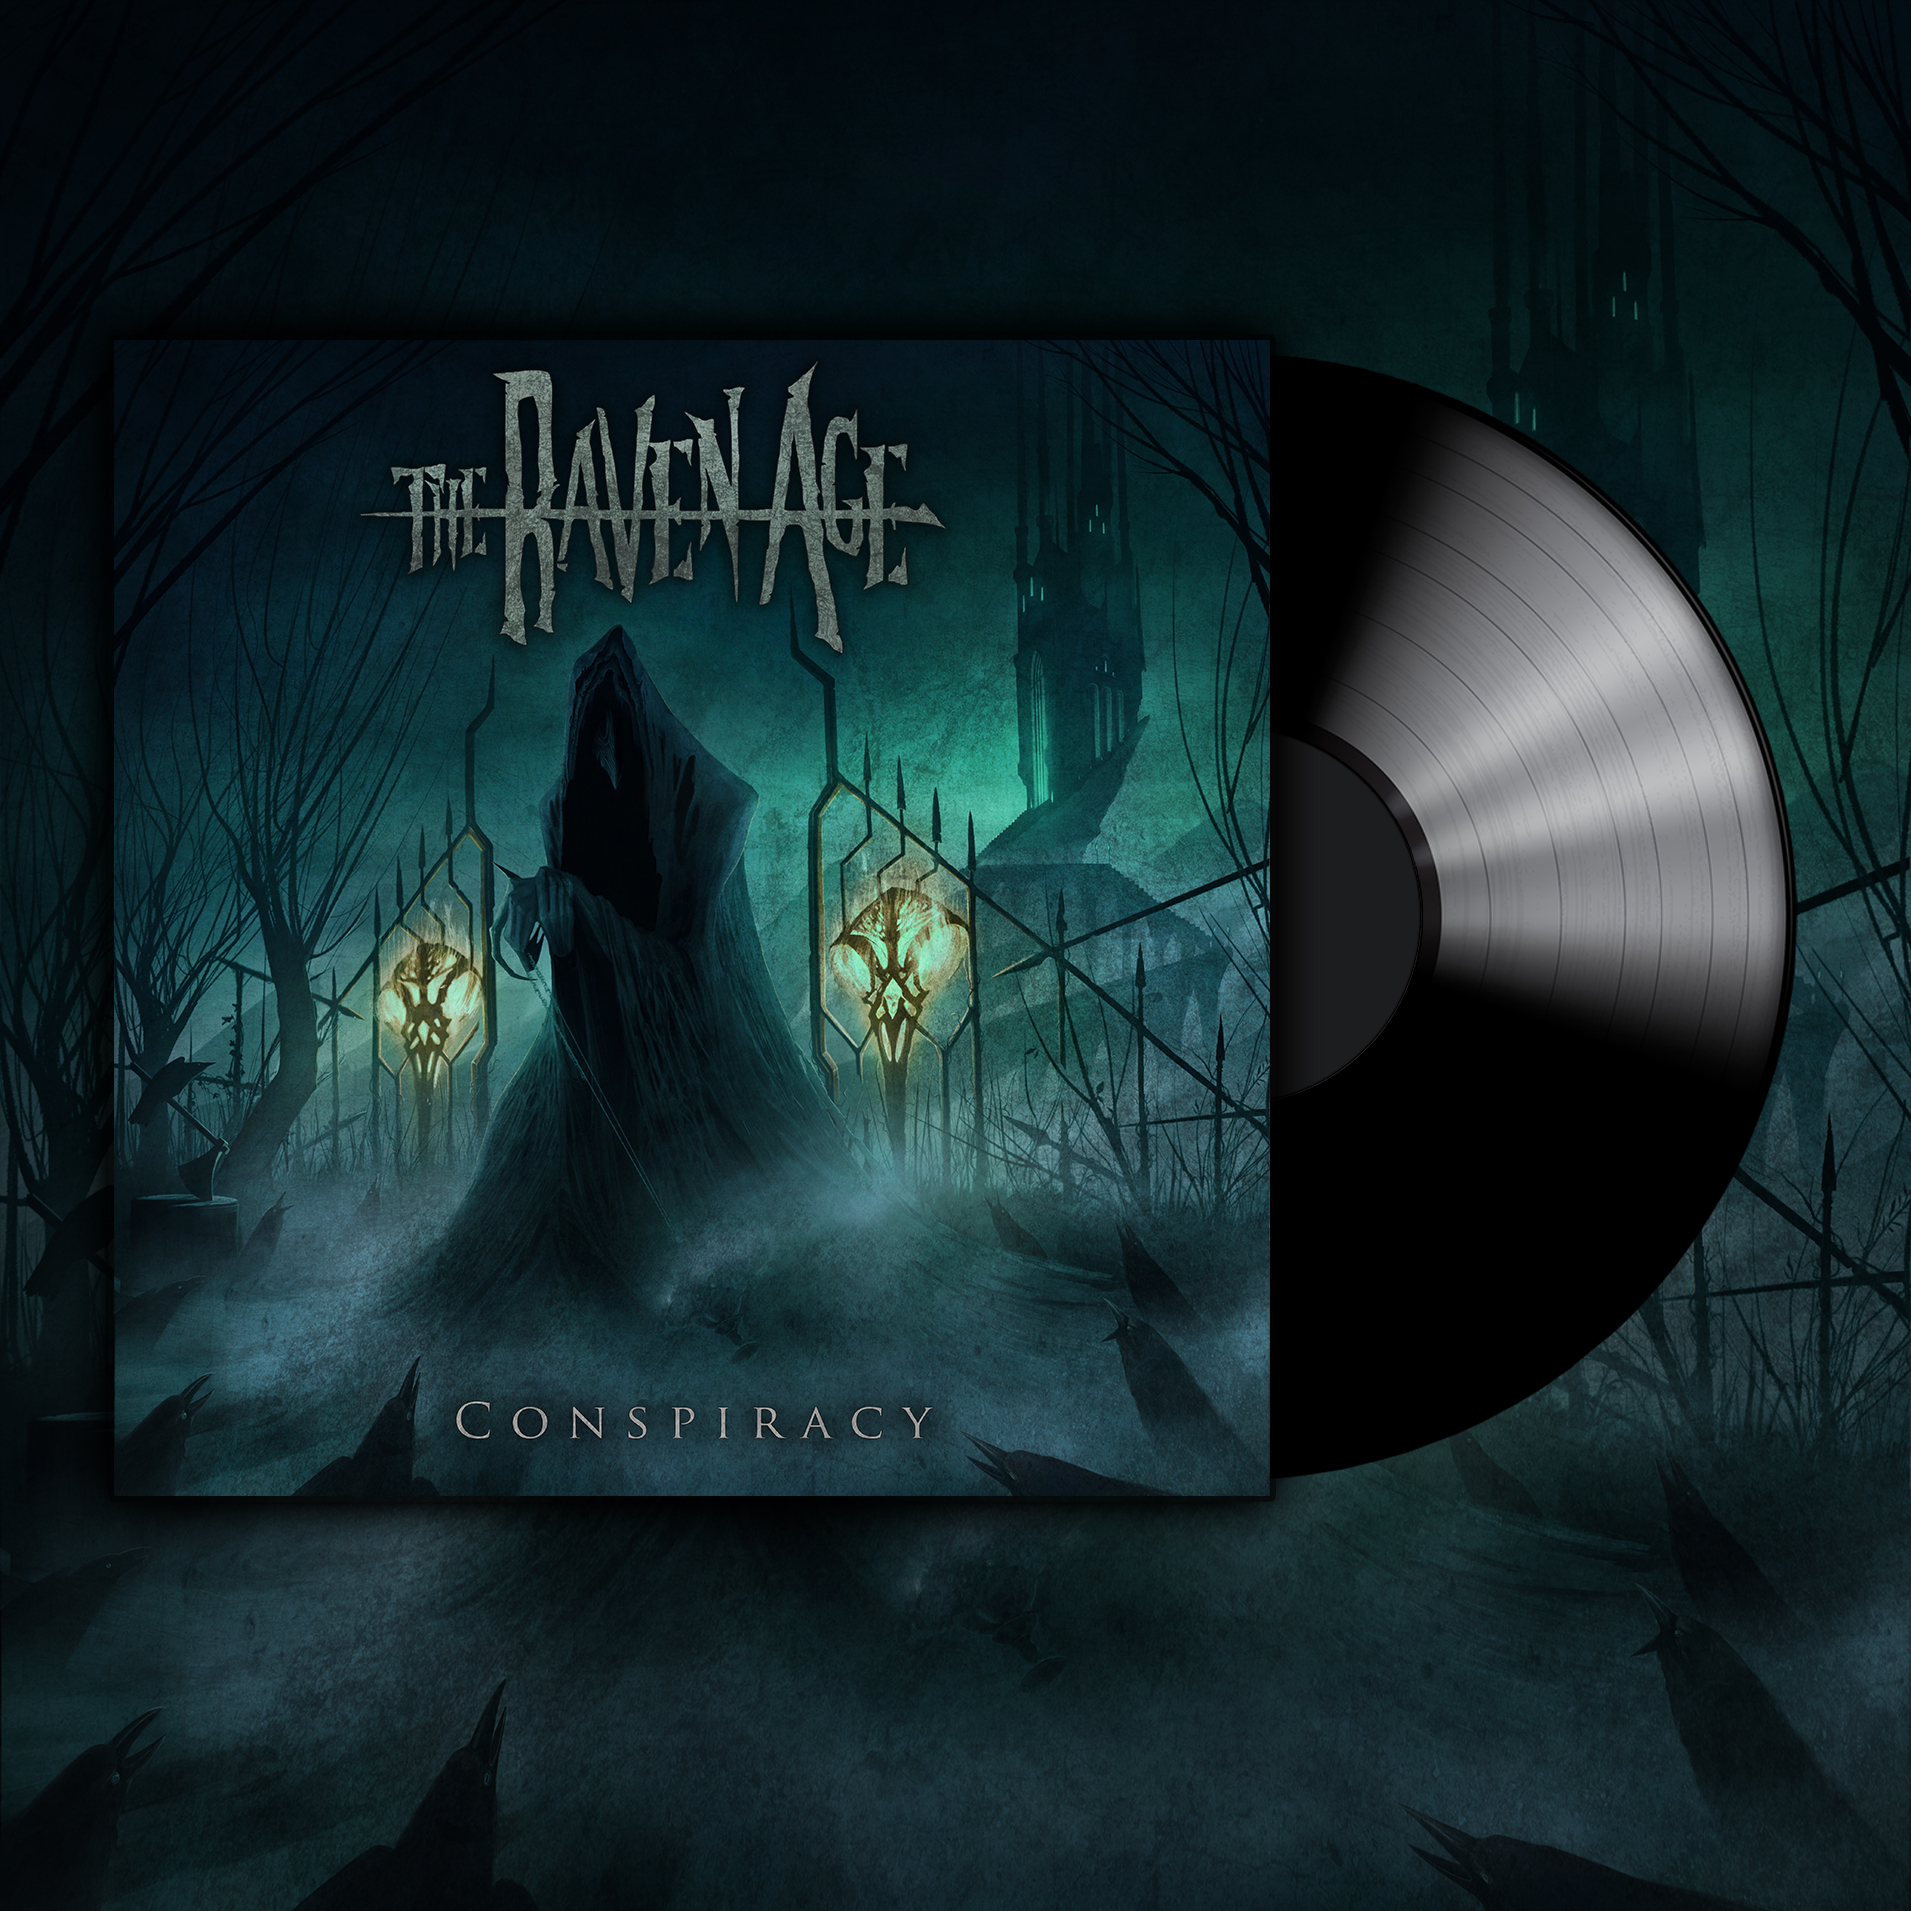 Conspiracy - Vinyl Album - The Raven Age